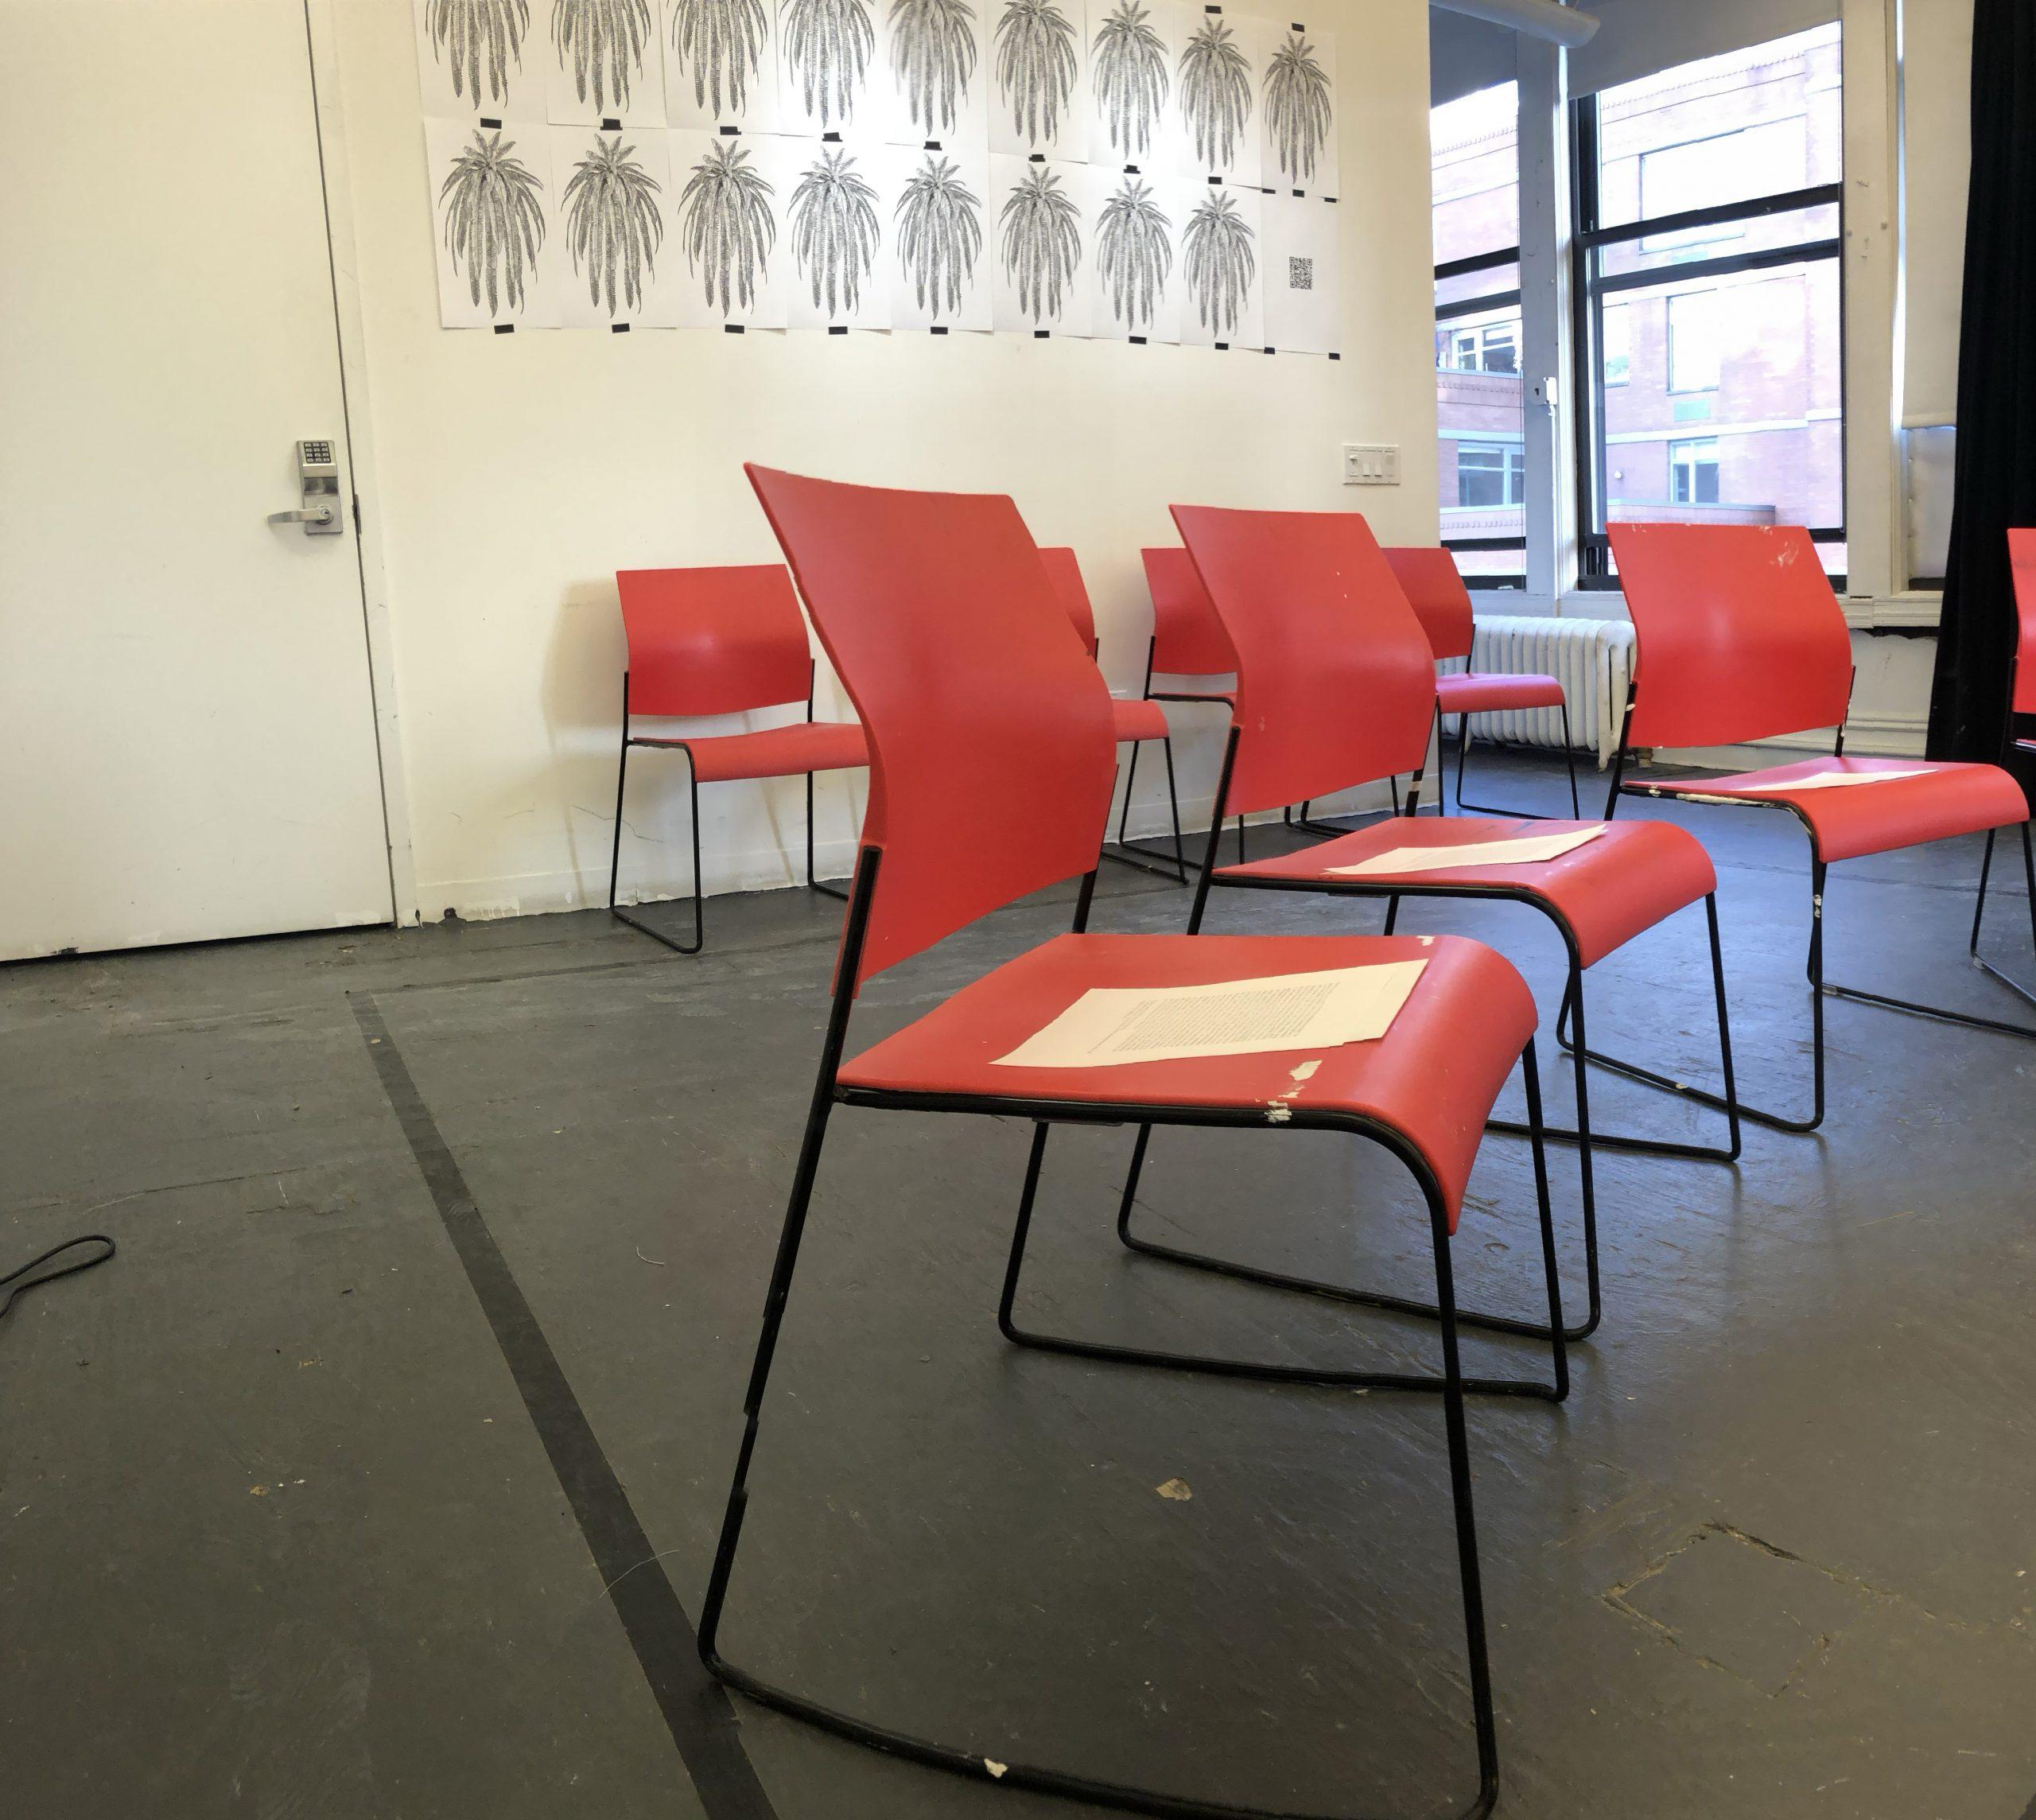 Escola Aqui, pop-up activation set up, 2020